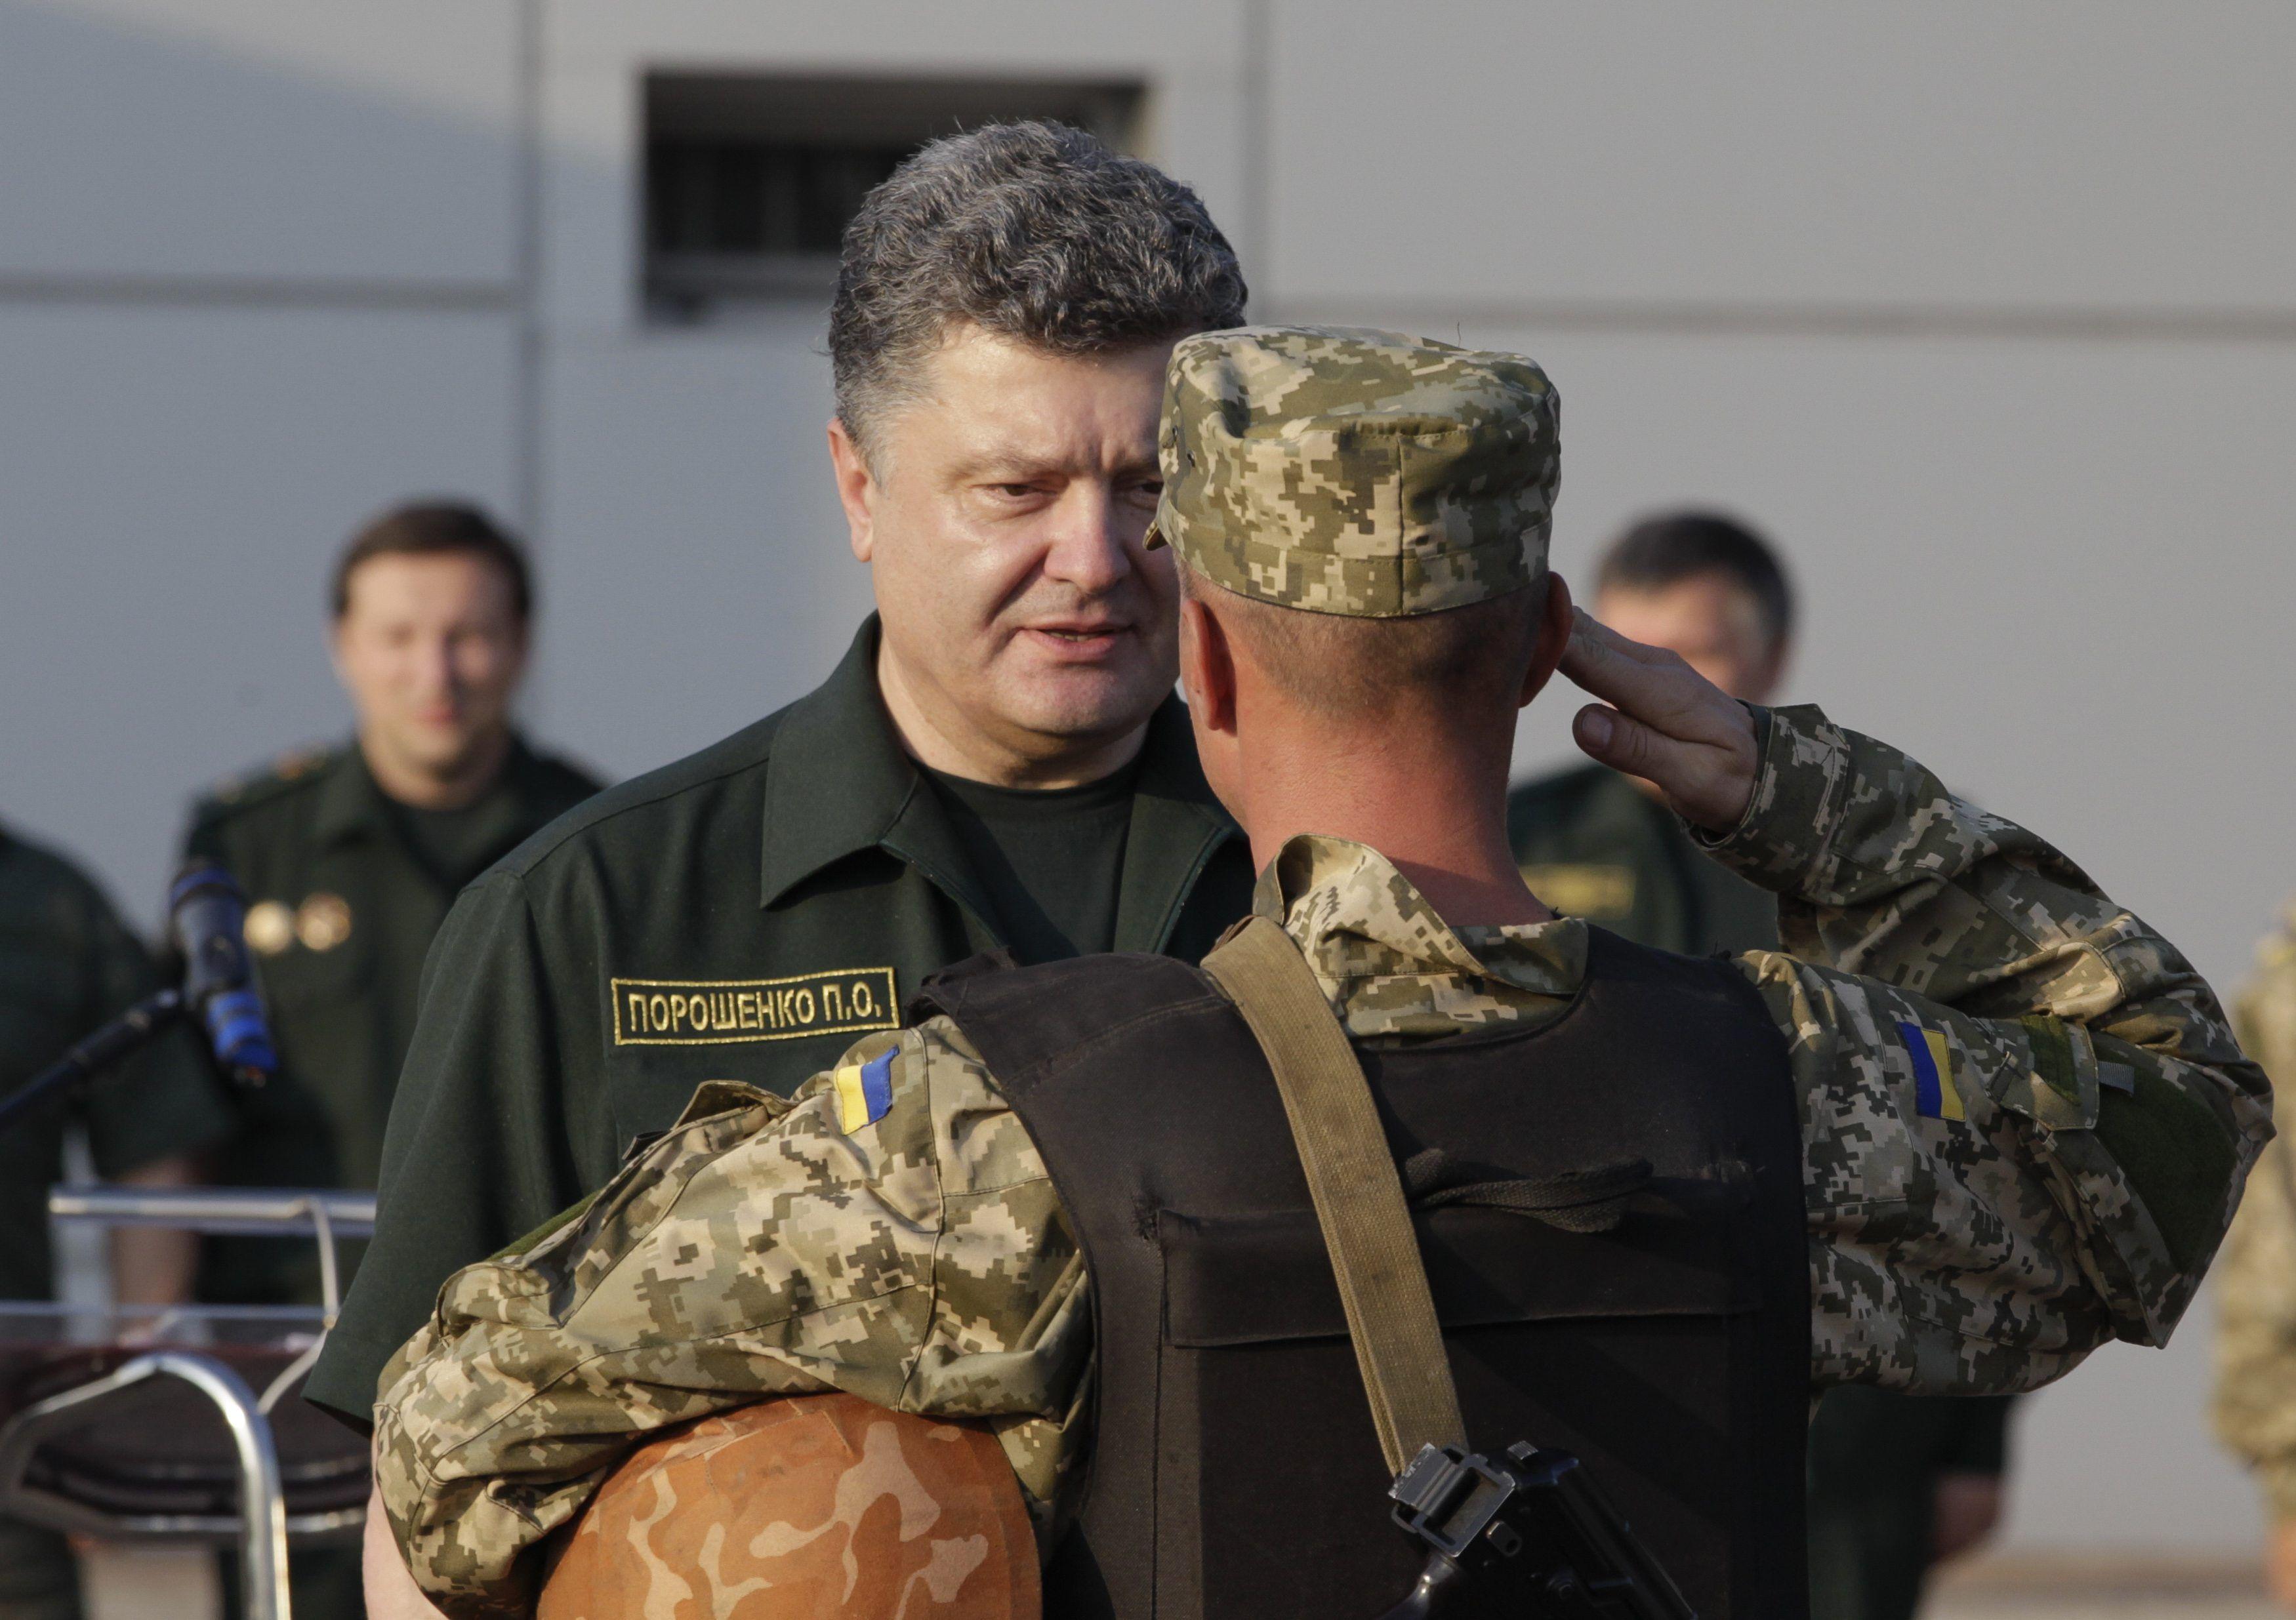 Порошенко заявил об увольнении военных 5-й волны мобилизации